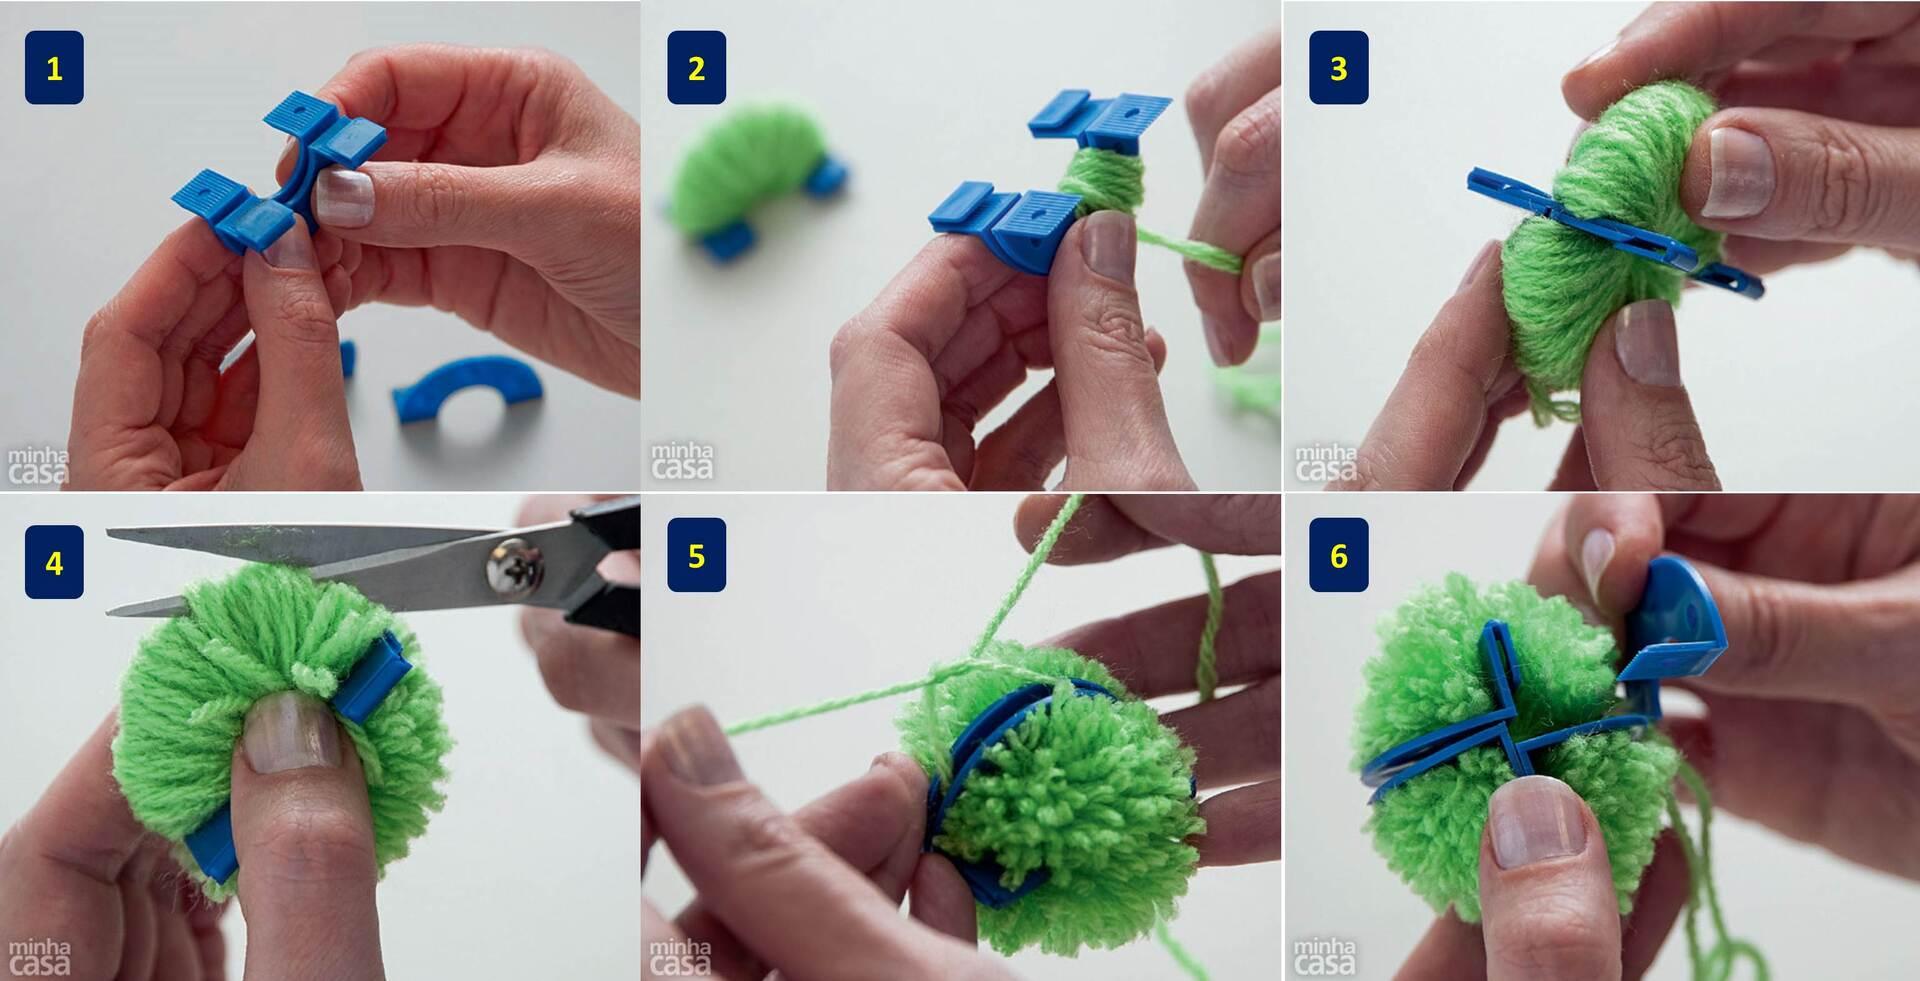 64263341e76df 1) O Pompom Fácil é feito de plástico e auxilia a fazer vários pompons de  4cm de forma mais rápida e prática que o jeito convencional (com círculos  de ...